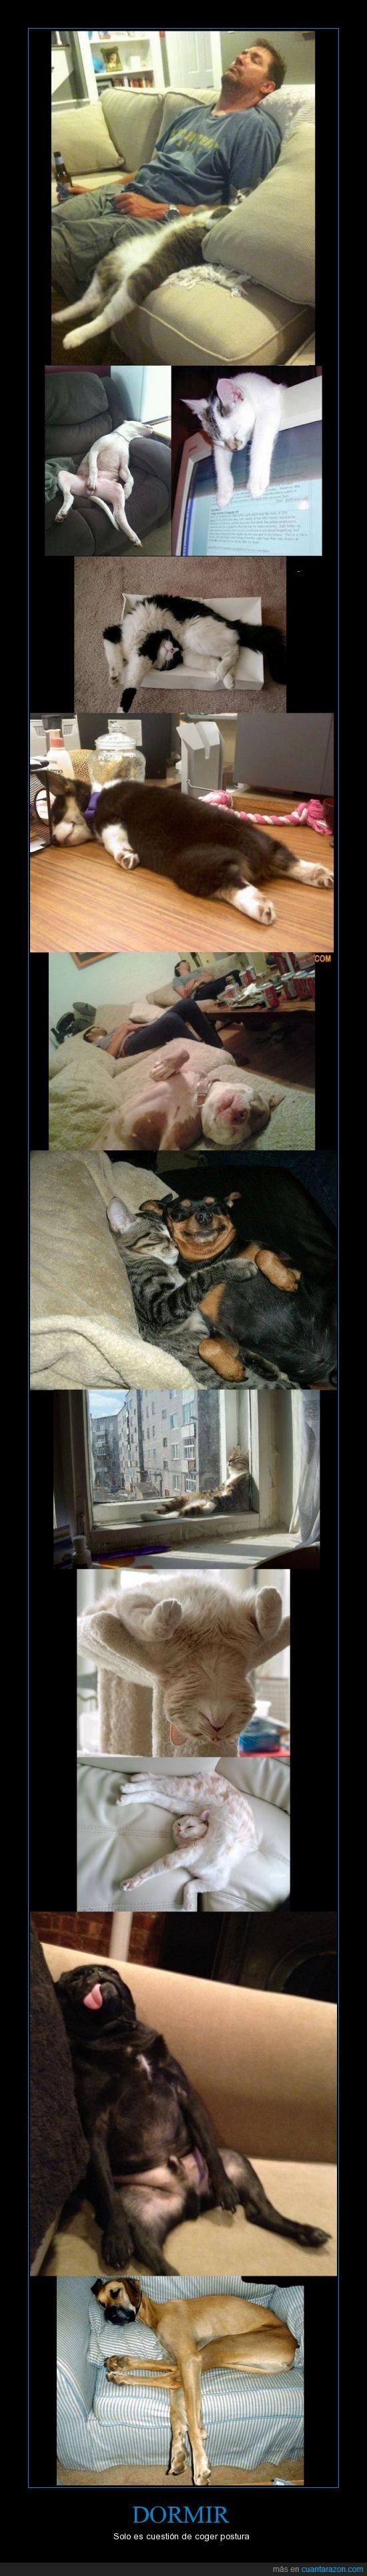 dormir,gatos,perros,pose,posición,siesta,sueño